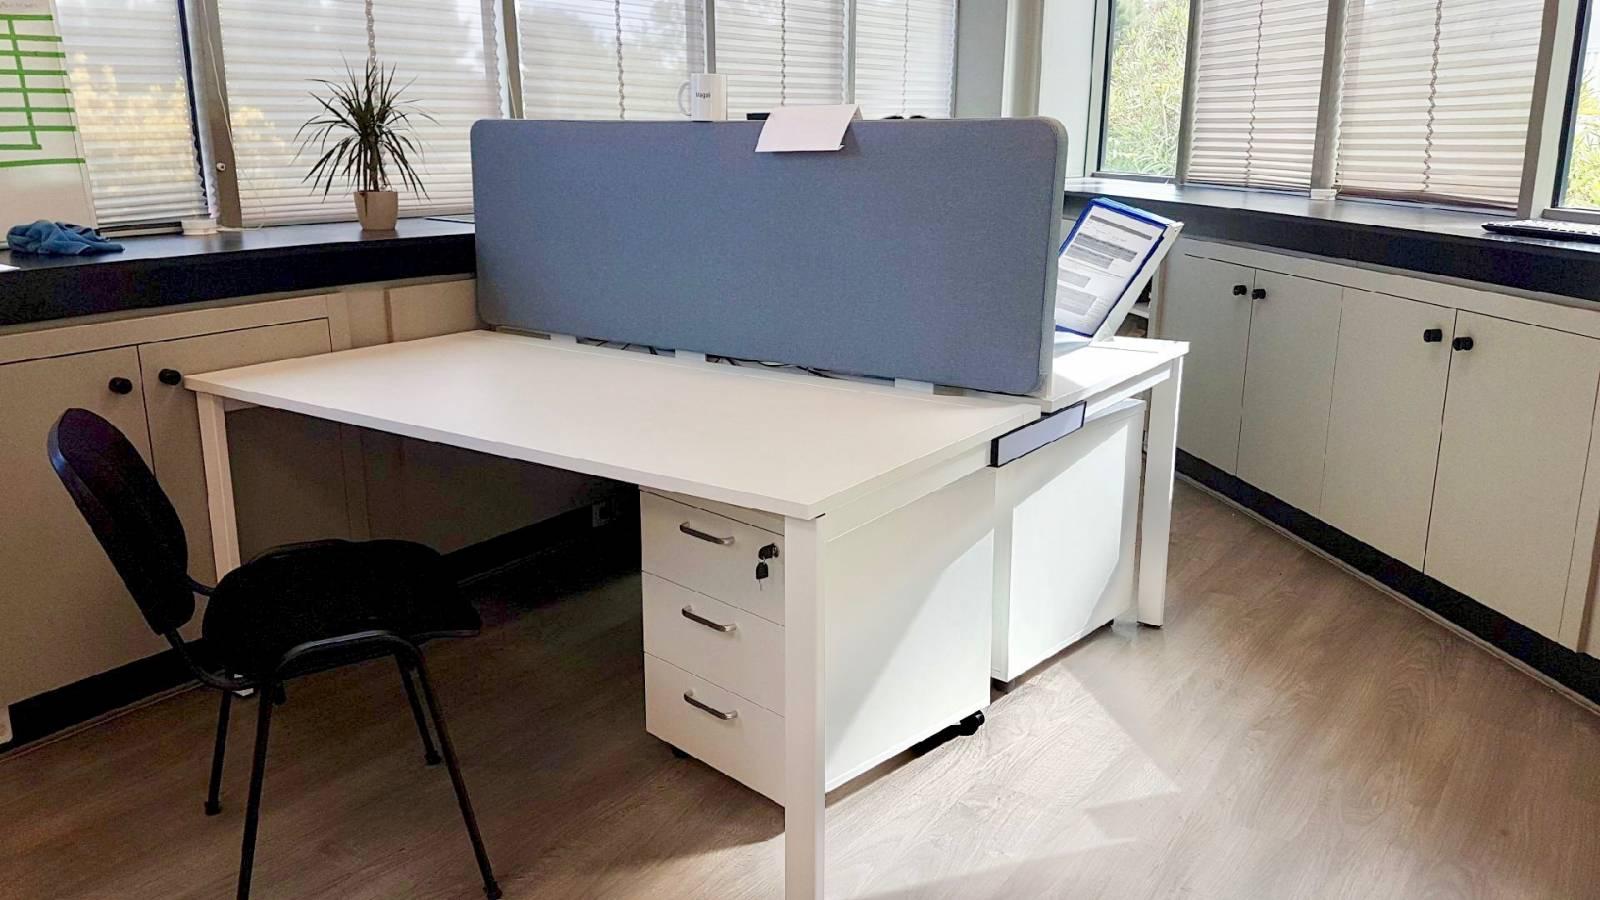 Bureau multiposte avec caisson mobile à tiroirs et écran de séparation acoustique dans la zone Athelia à la Ciotat